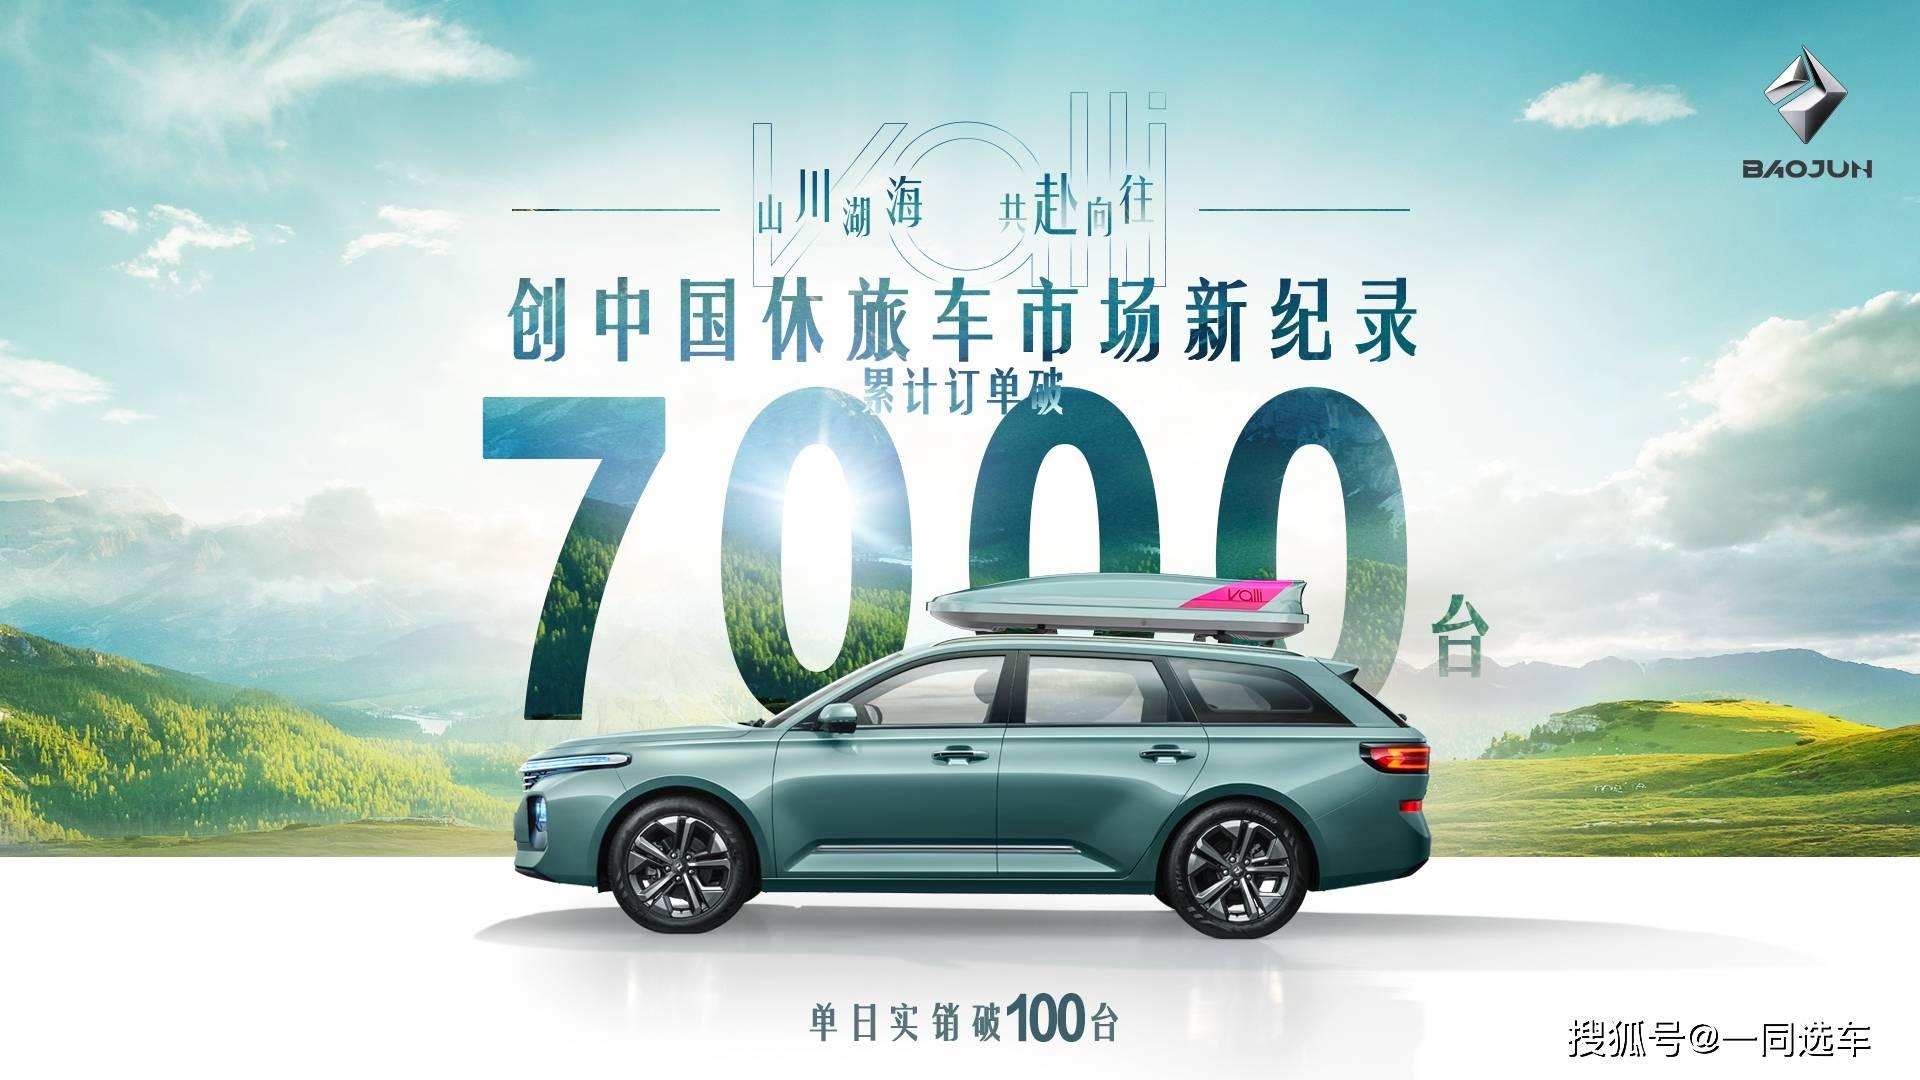 """新宝骏 Valli(向往)累计订单破7000台,改装车""""小白白""""引围观"""